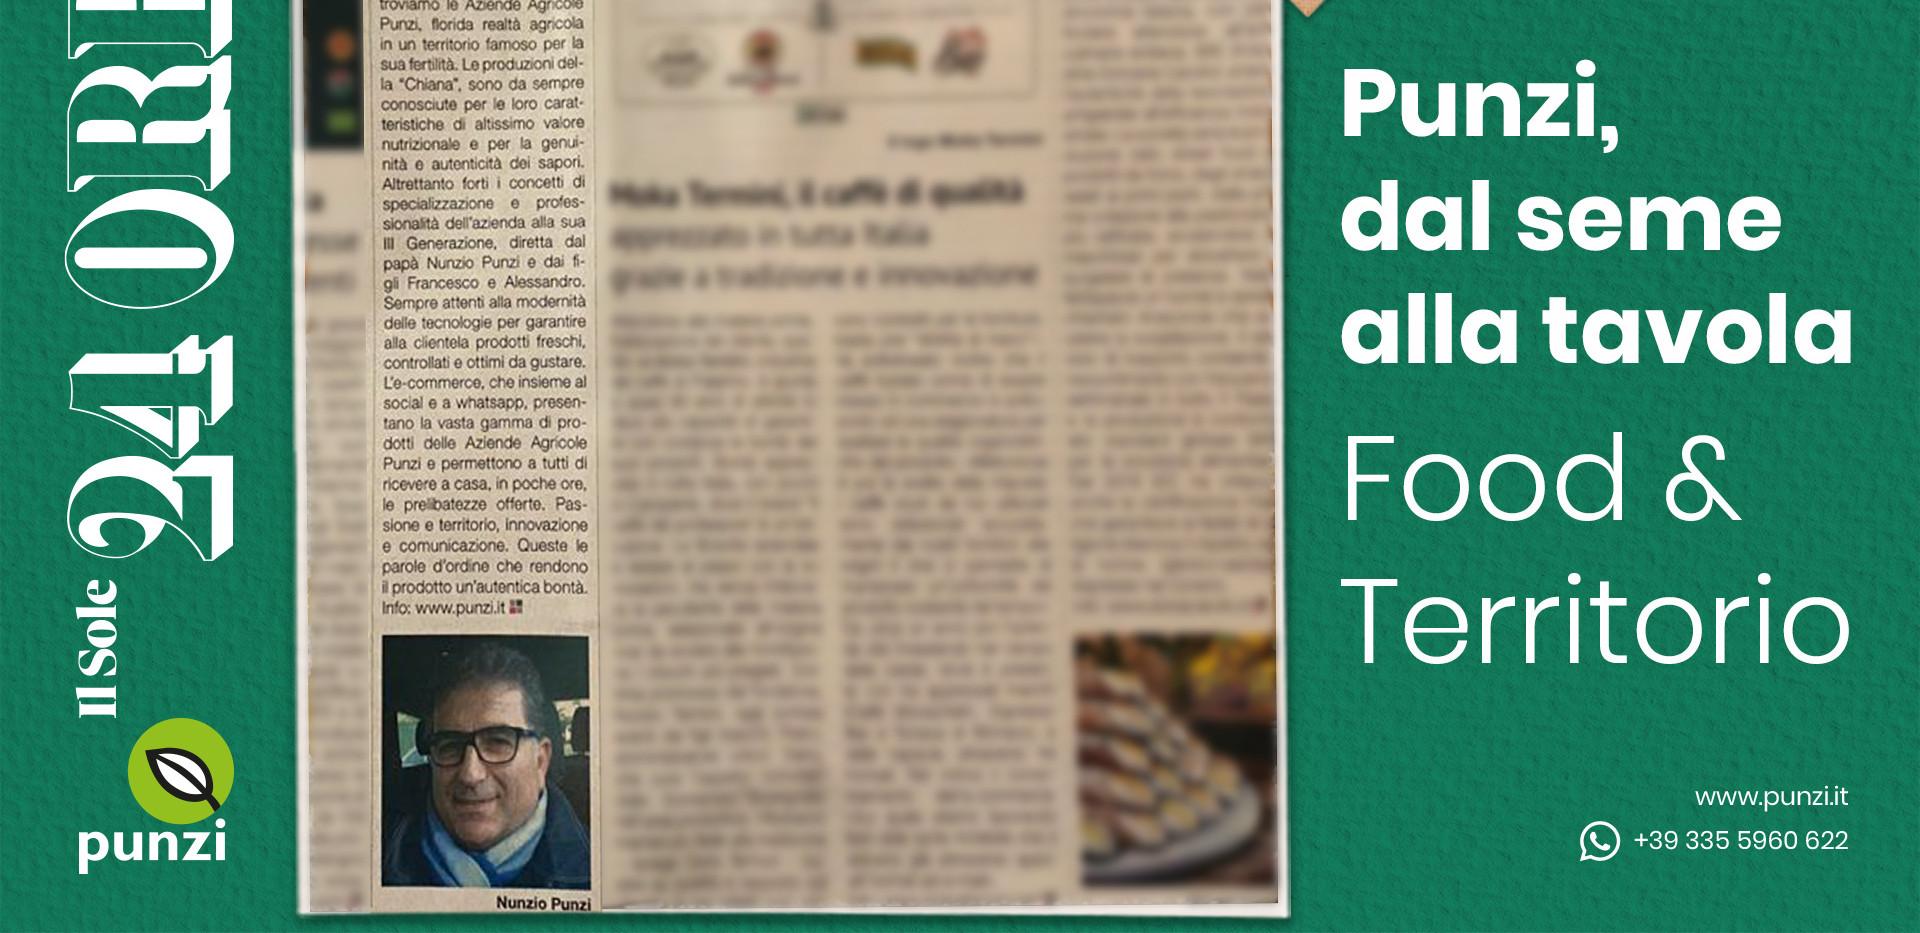 PRESSE: Il Sole 24 Ore (Wirtschaftsinformationszeitung) spricht über uns und unseren E-Shop